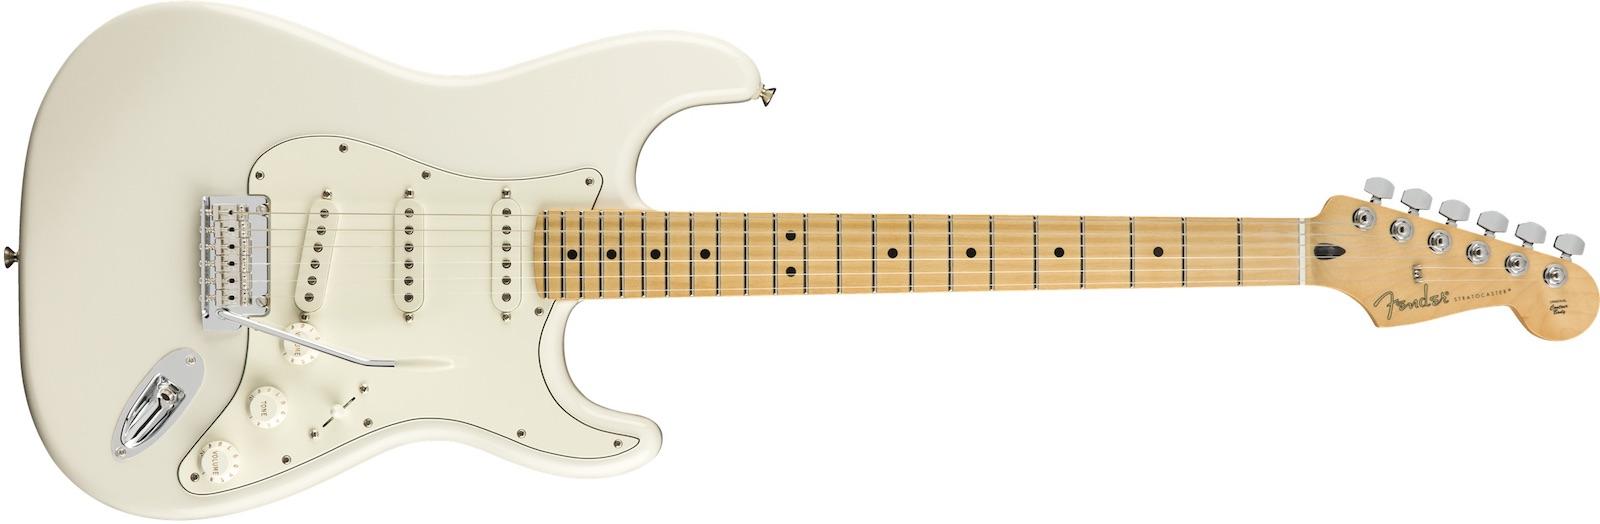 【新品】Fender Player Stratocaster Maple Fingerboard ~Polar White~【お取り寄せ】【送料無料】【池袋店】